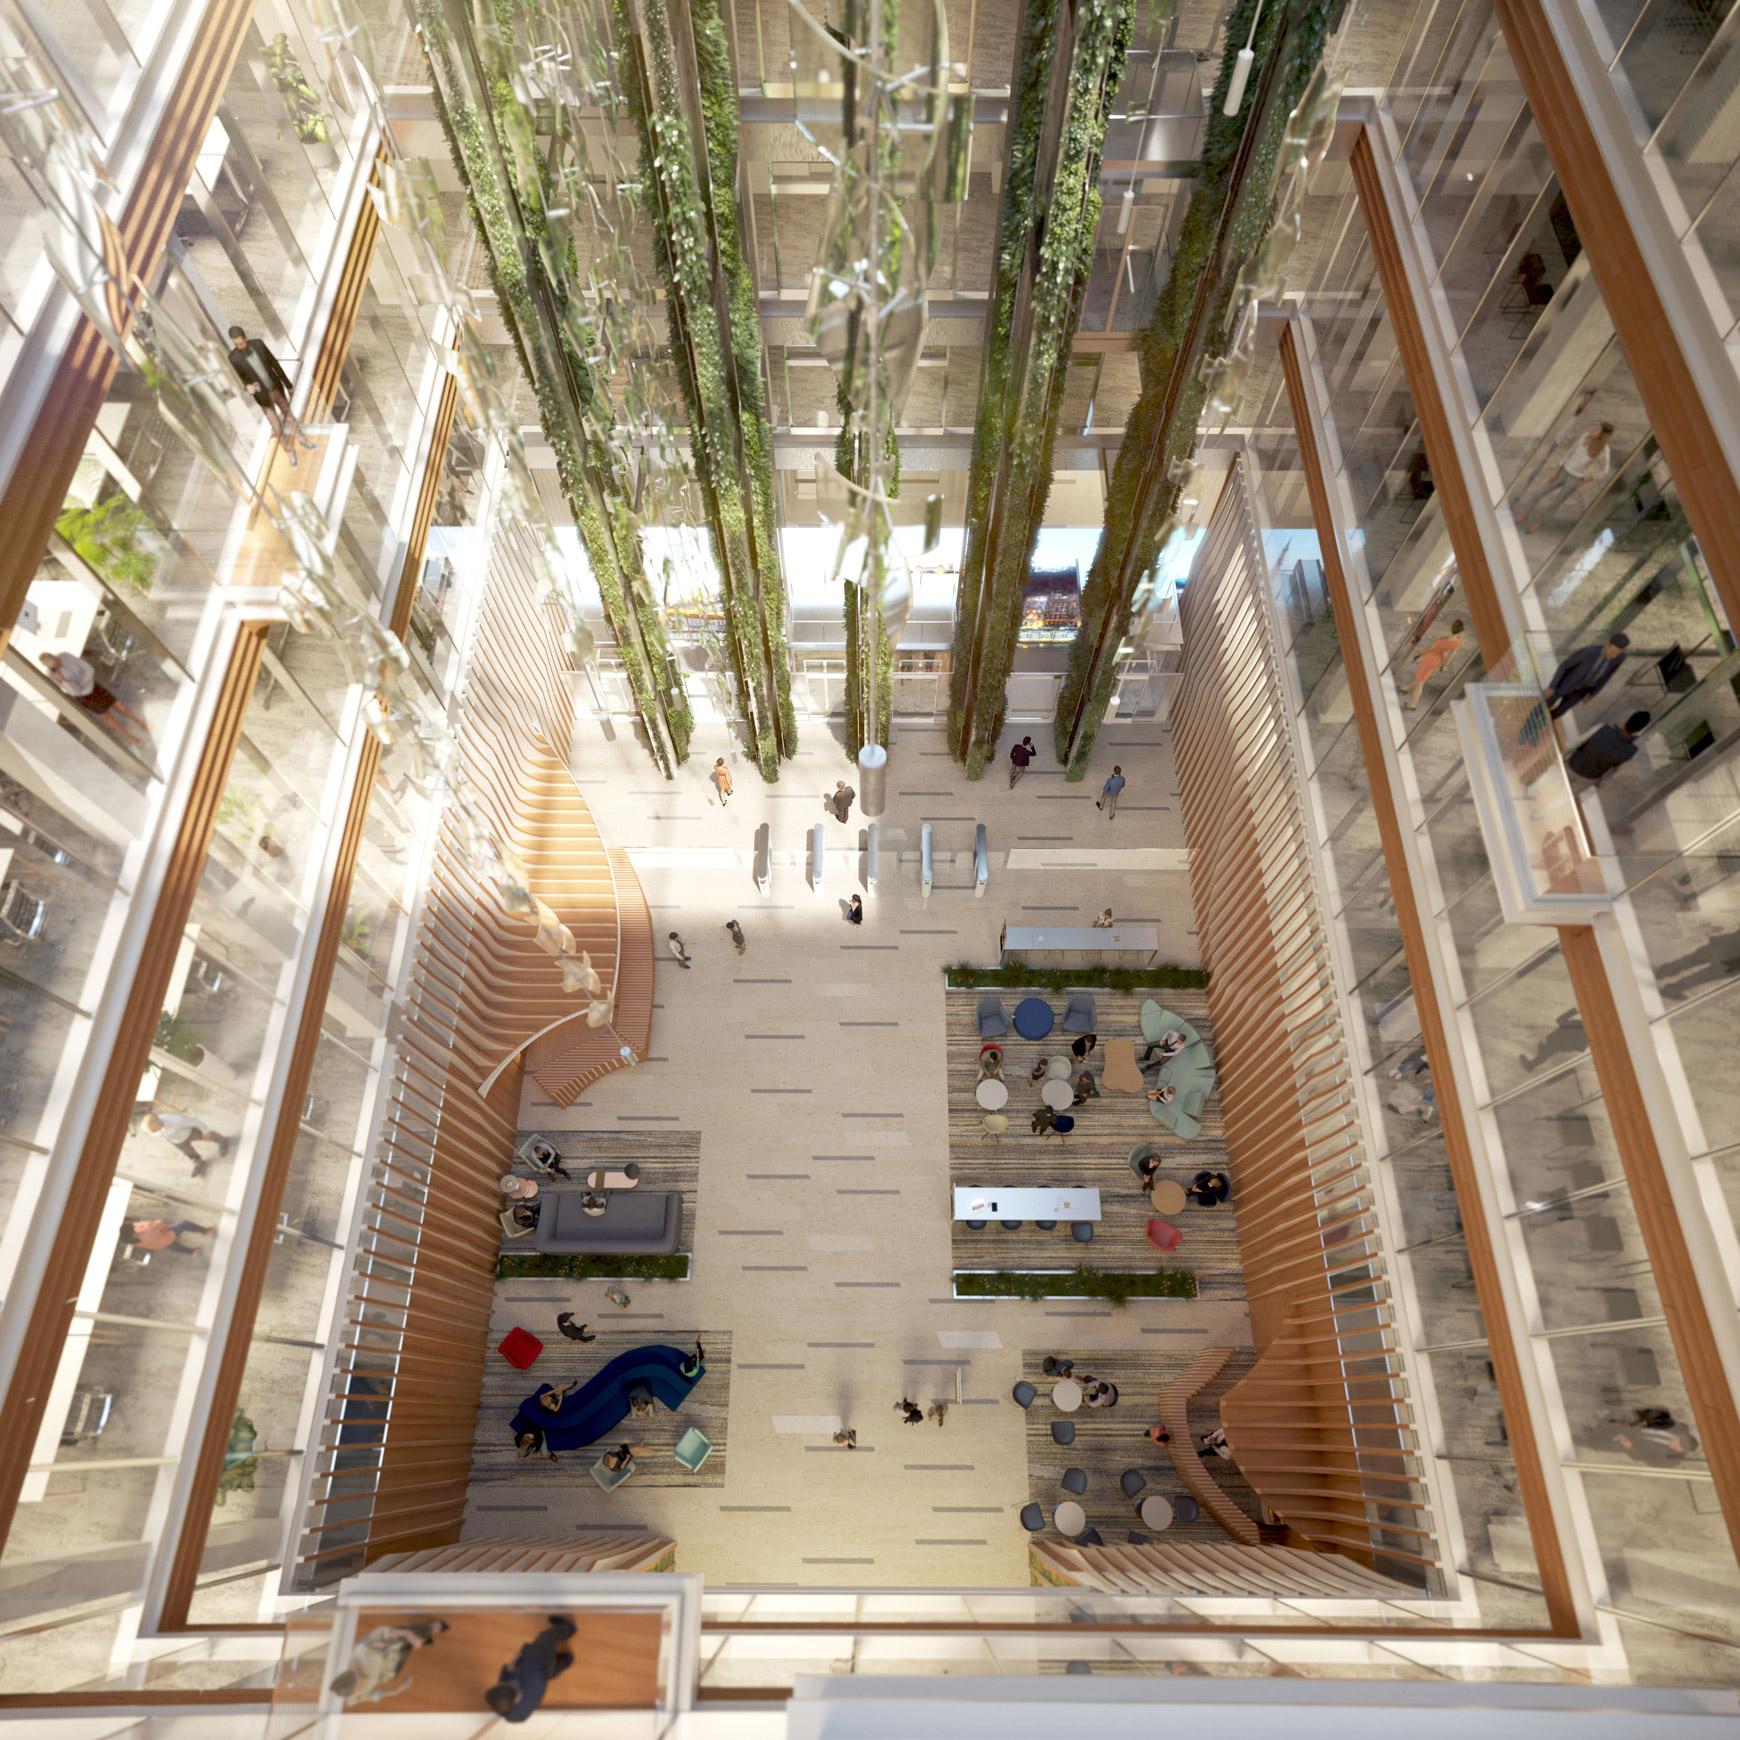 Bâtiment de bureaux, de logements et de commerces à Lyon Part-Dieu, certifié BREEAM EXCELLENT + NF HABITAT HQE + HQE BATIMENT, réalisé par le pôle Tertiaire de l'agence d'architecture SOHO ATLAS IN FINE LYON. Perspective, vue intérieure depuis l'atrium.